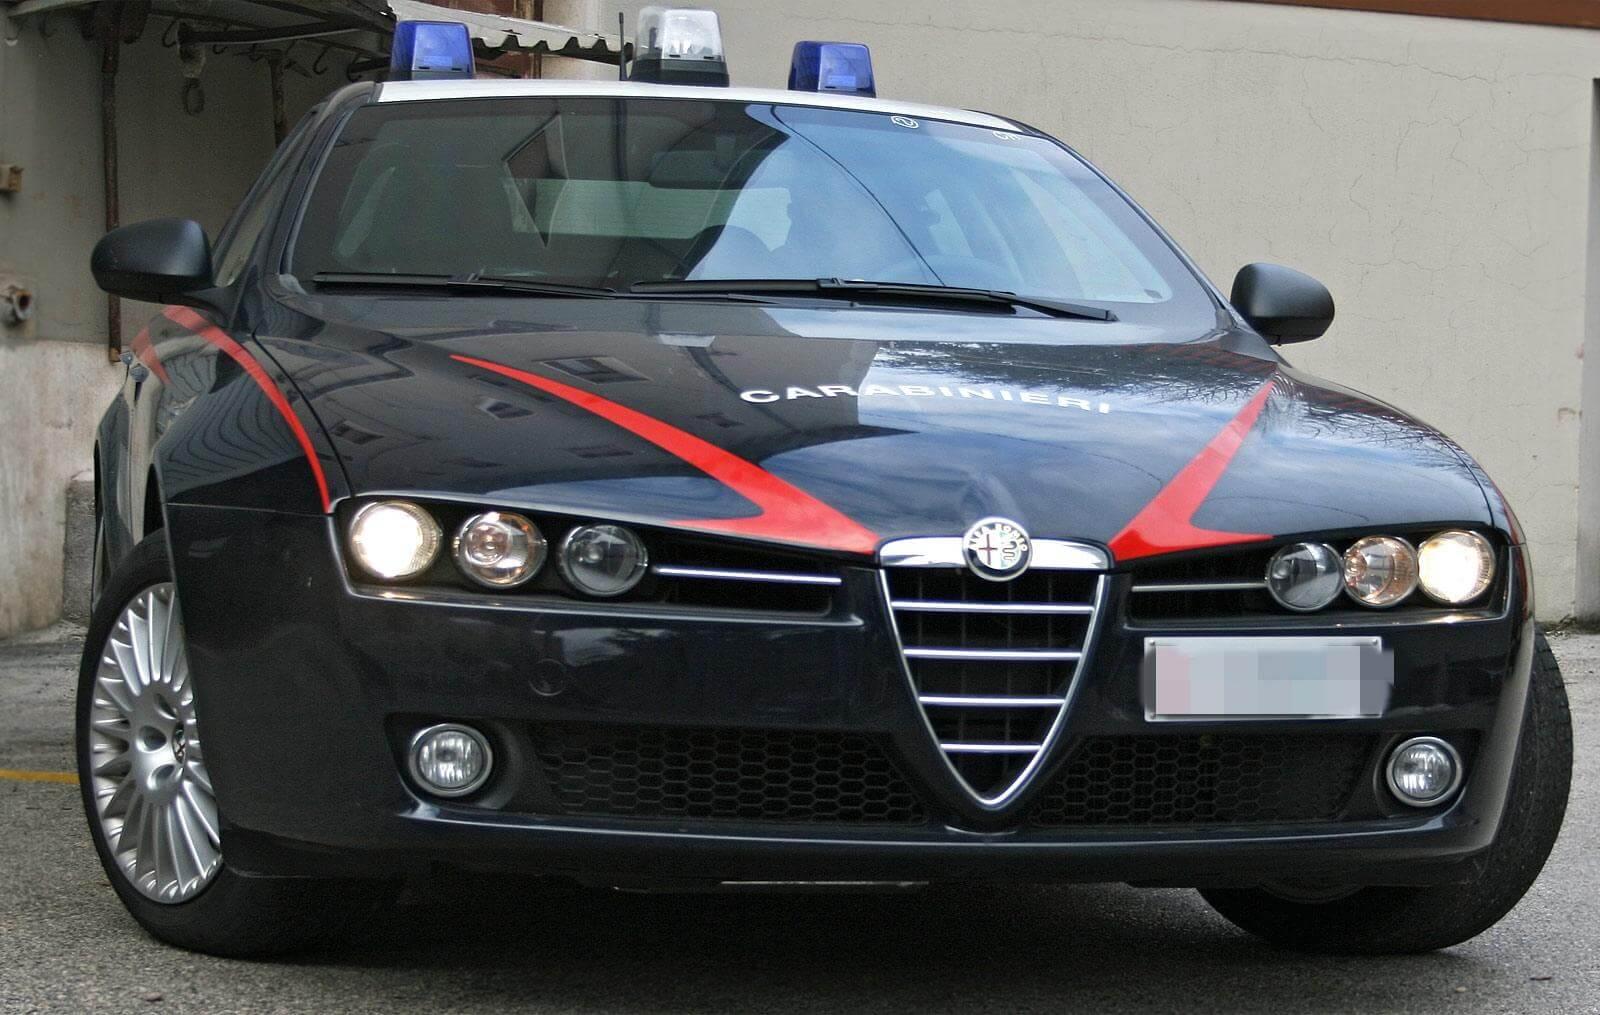 Rubano bottiglie di vino pregiato da un ristorante, arrestati dai Carabinieri